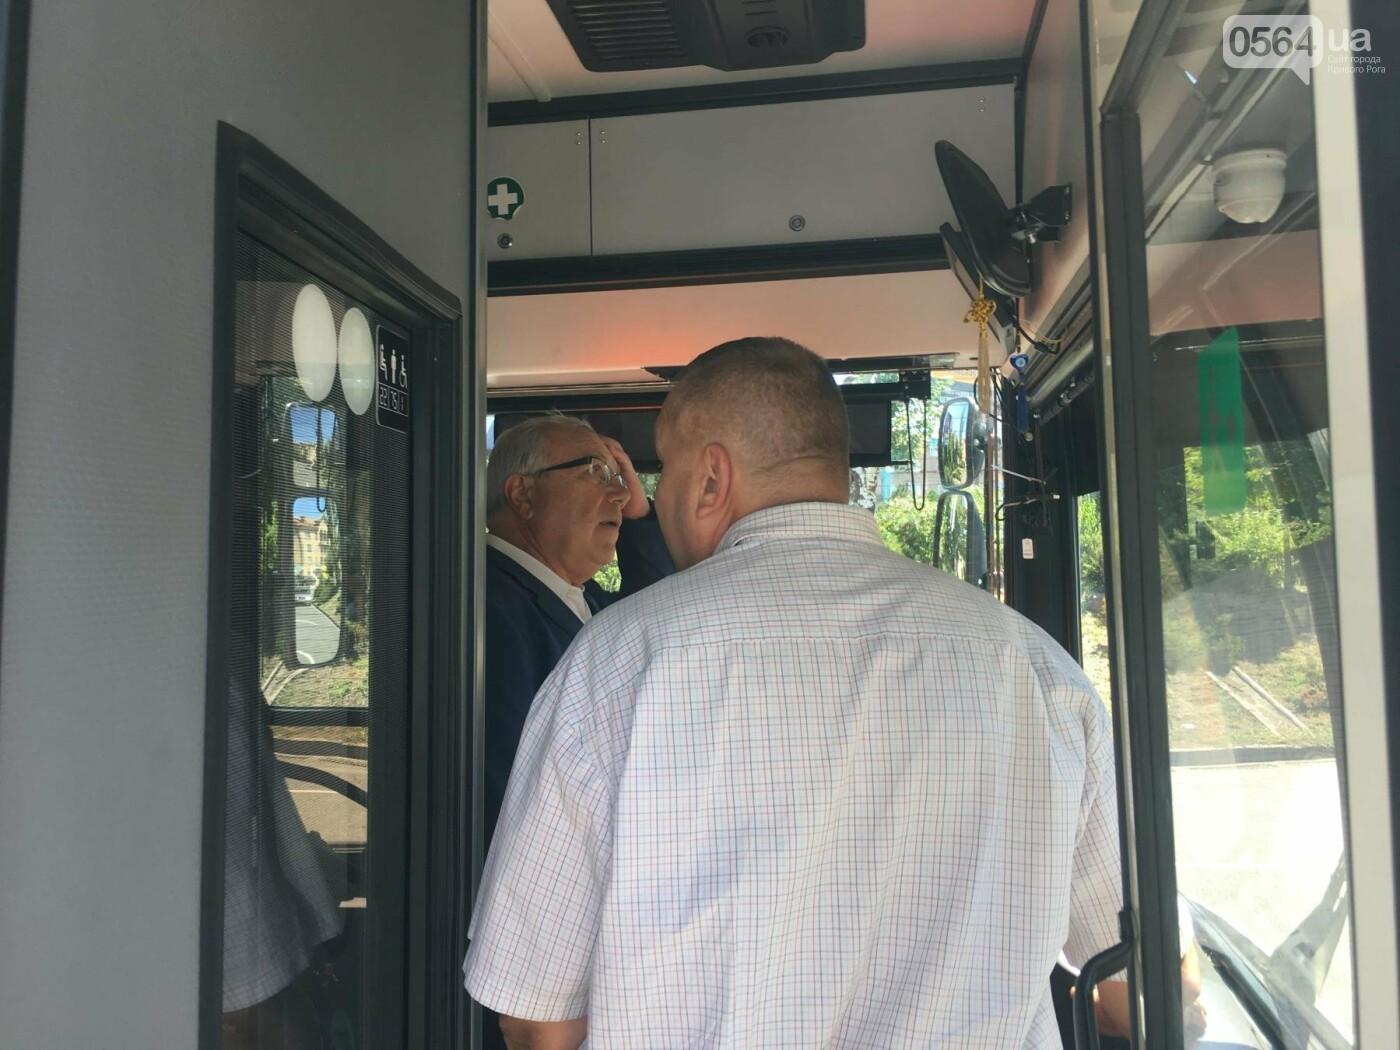 Как в Кривом Роге торжественно вручили водителям ключи от новых троллейбусов и автобусов, - ФОТО, ВИДЕО, фото-34